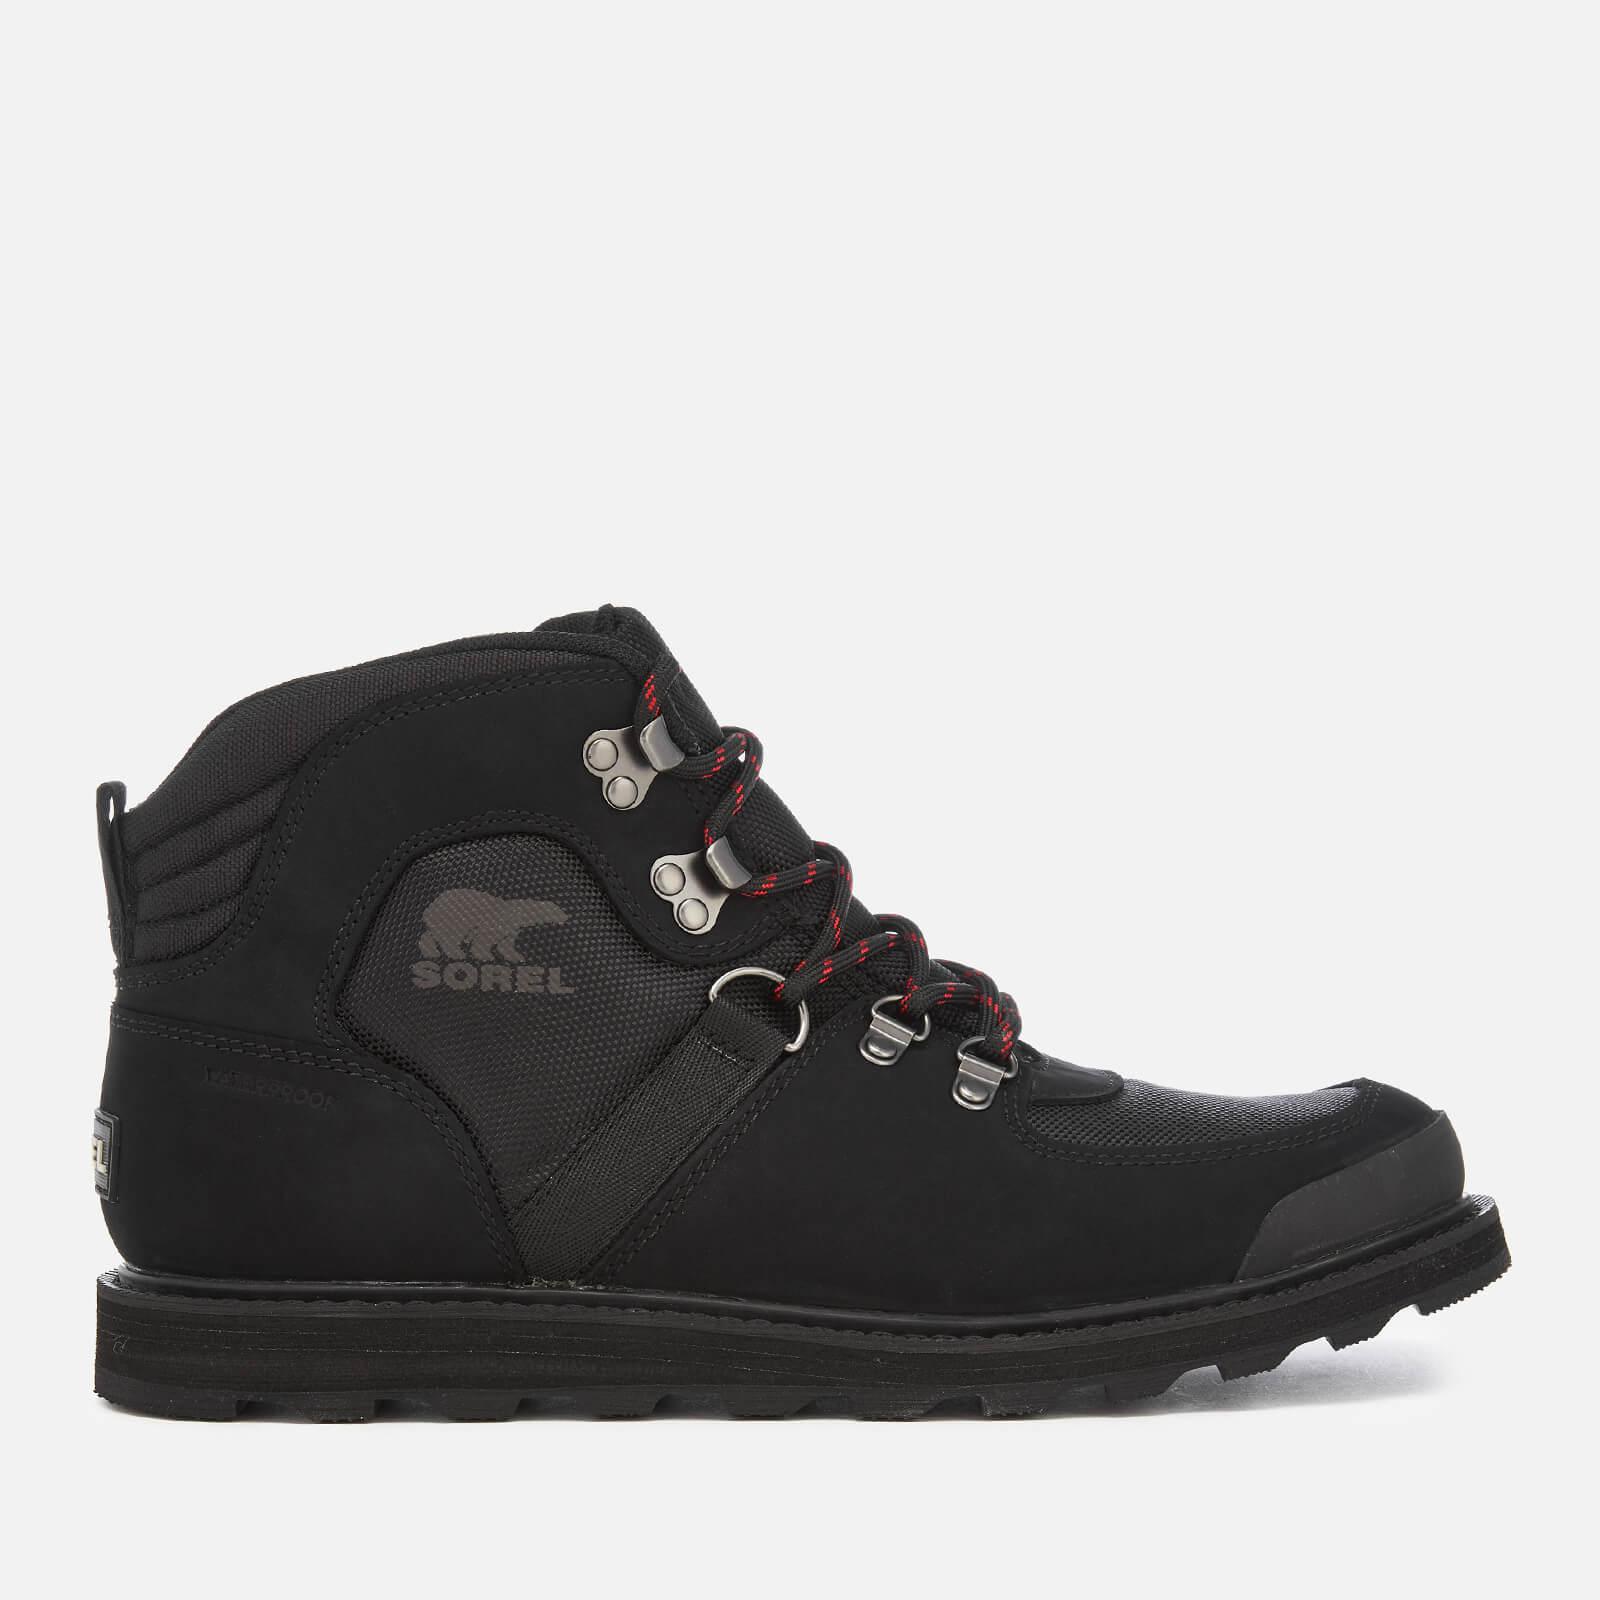 Sorel Men's Madson Sport Hiker Style Boots - Black - UK 10